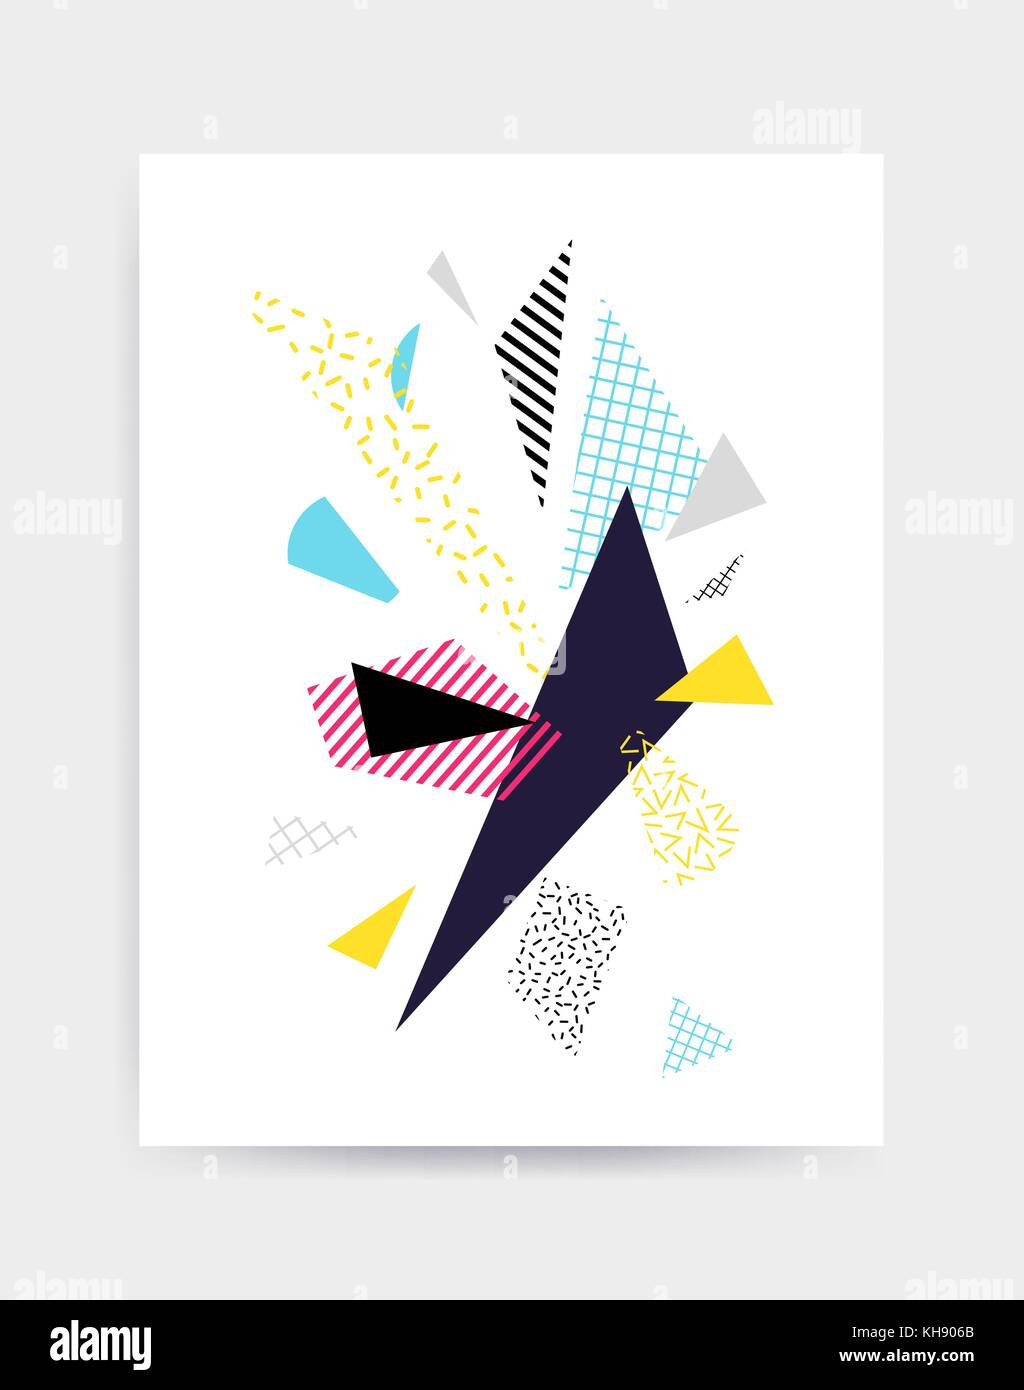 Brillantes y coloridas ilustraciones vectoriales plantilla cartel ...